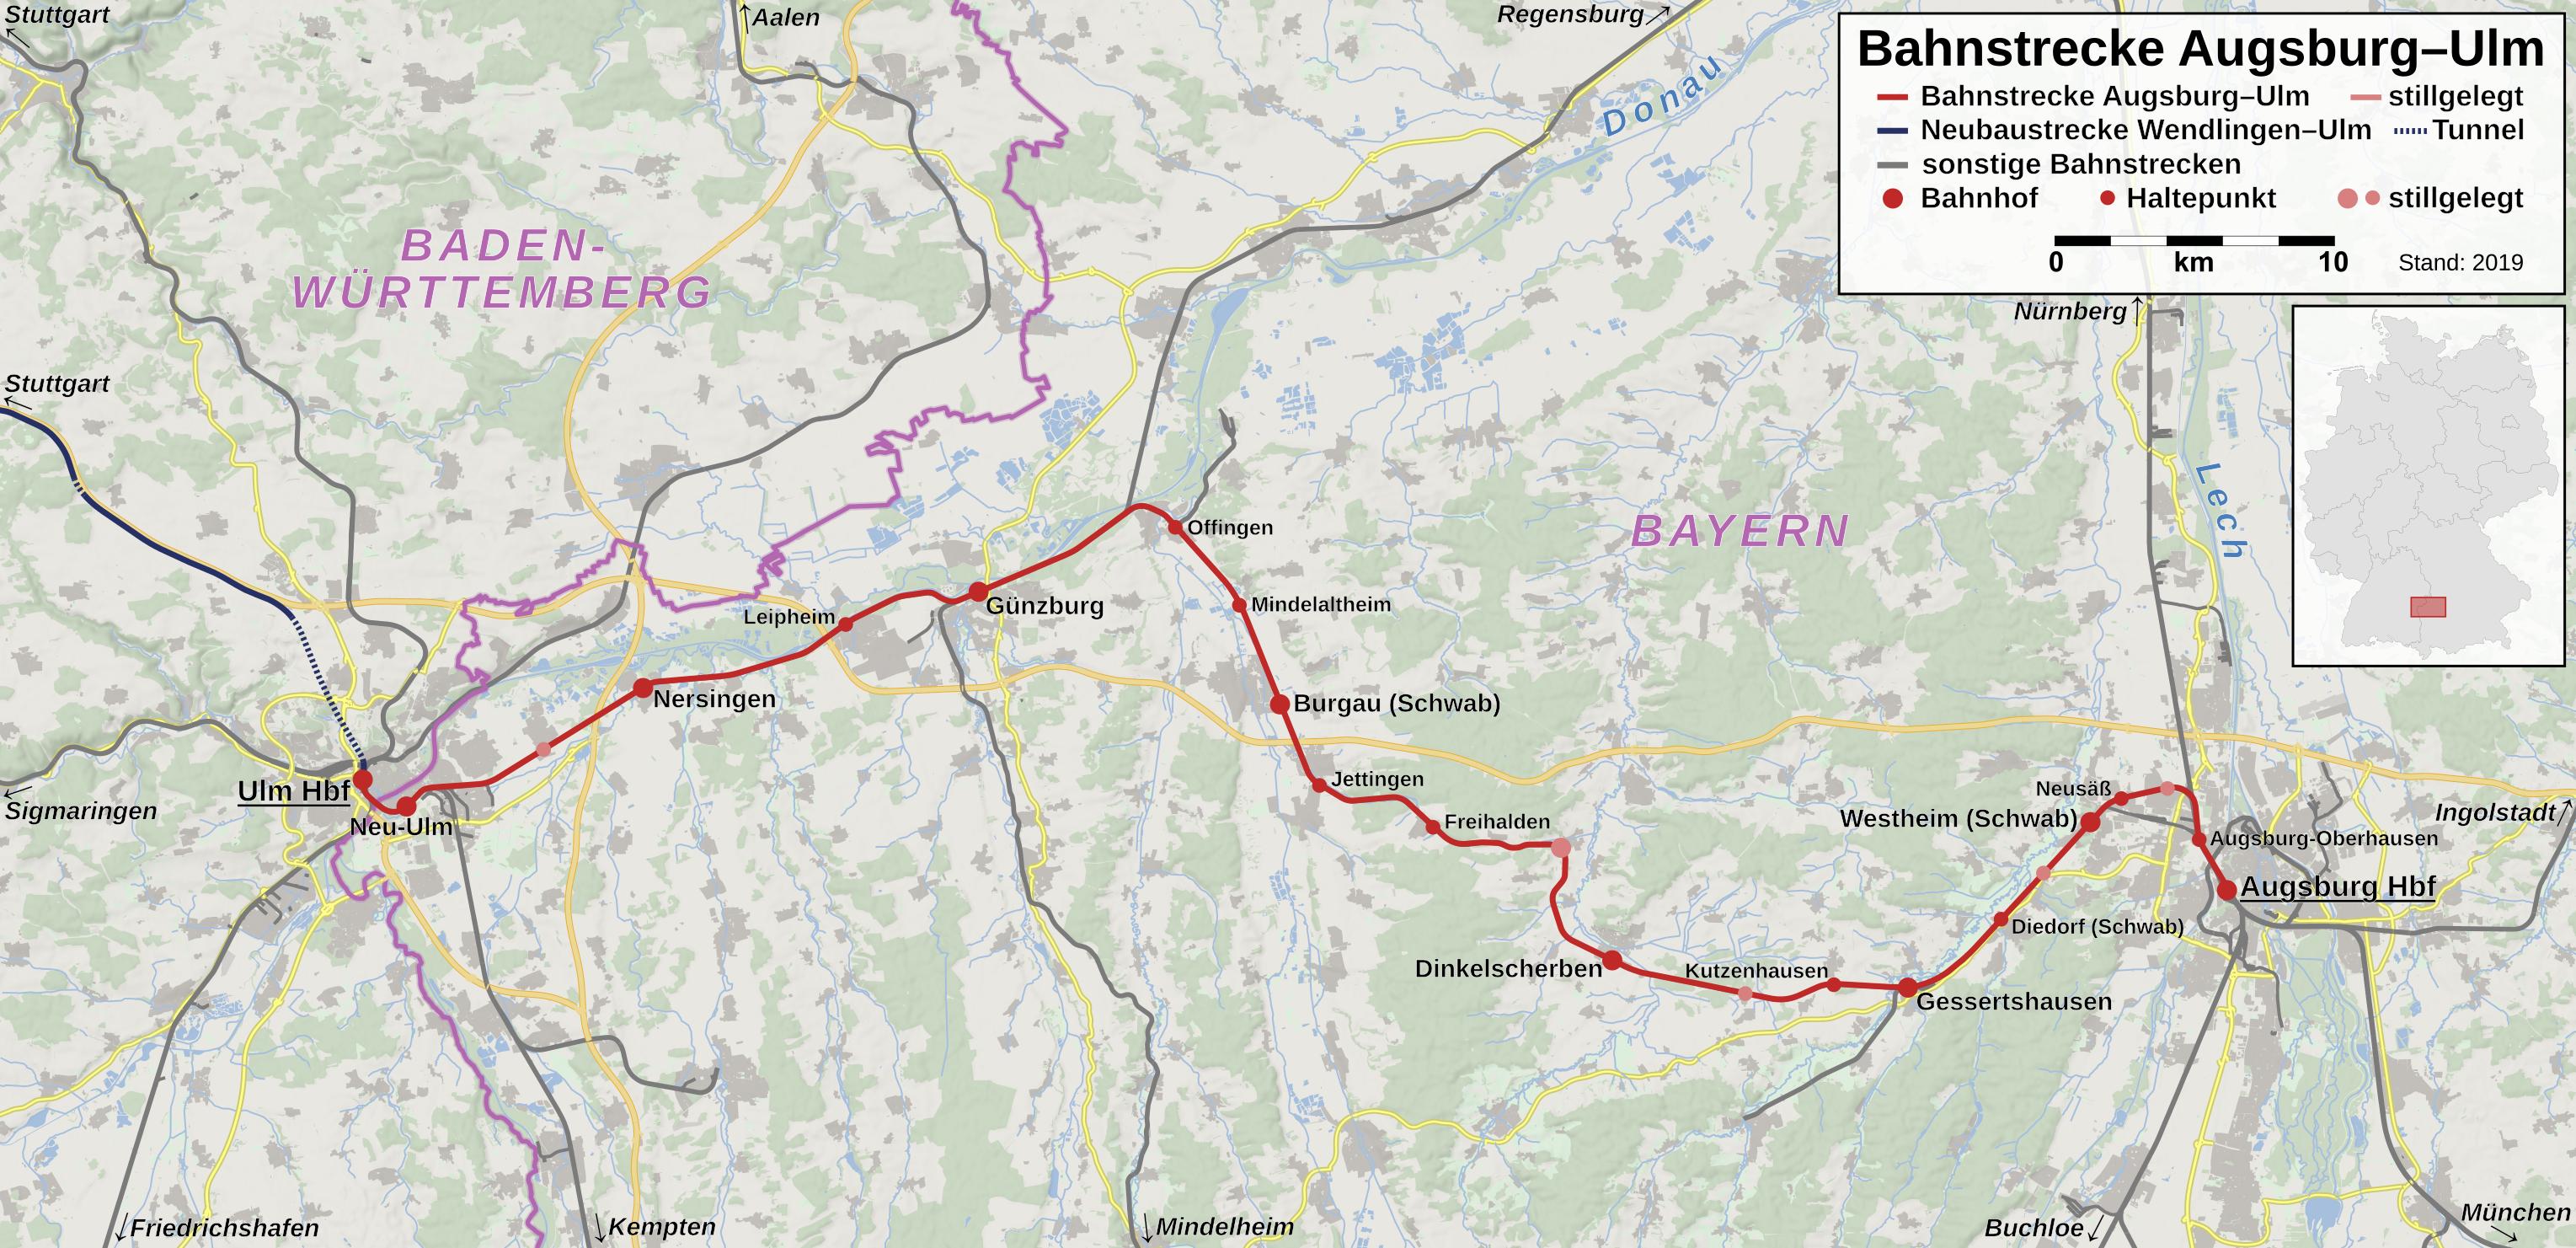 Karte Augsburg.Datei Bahnstrecke Augsburg Ulm Karte Png Wikipedia